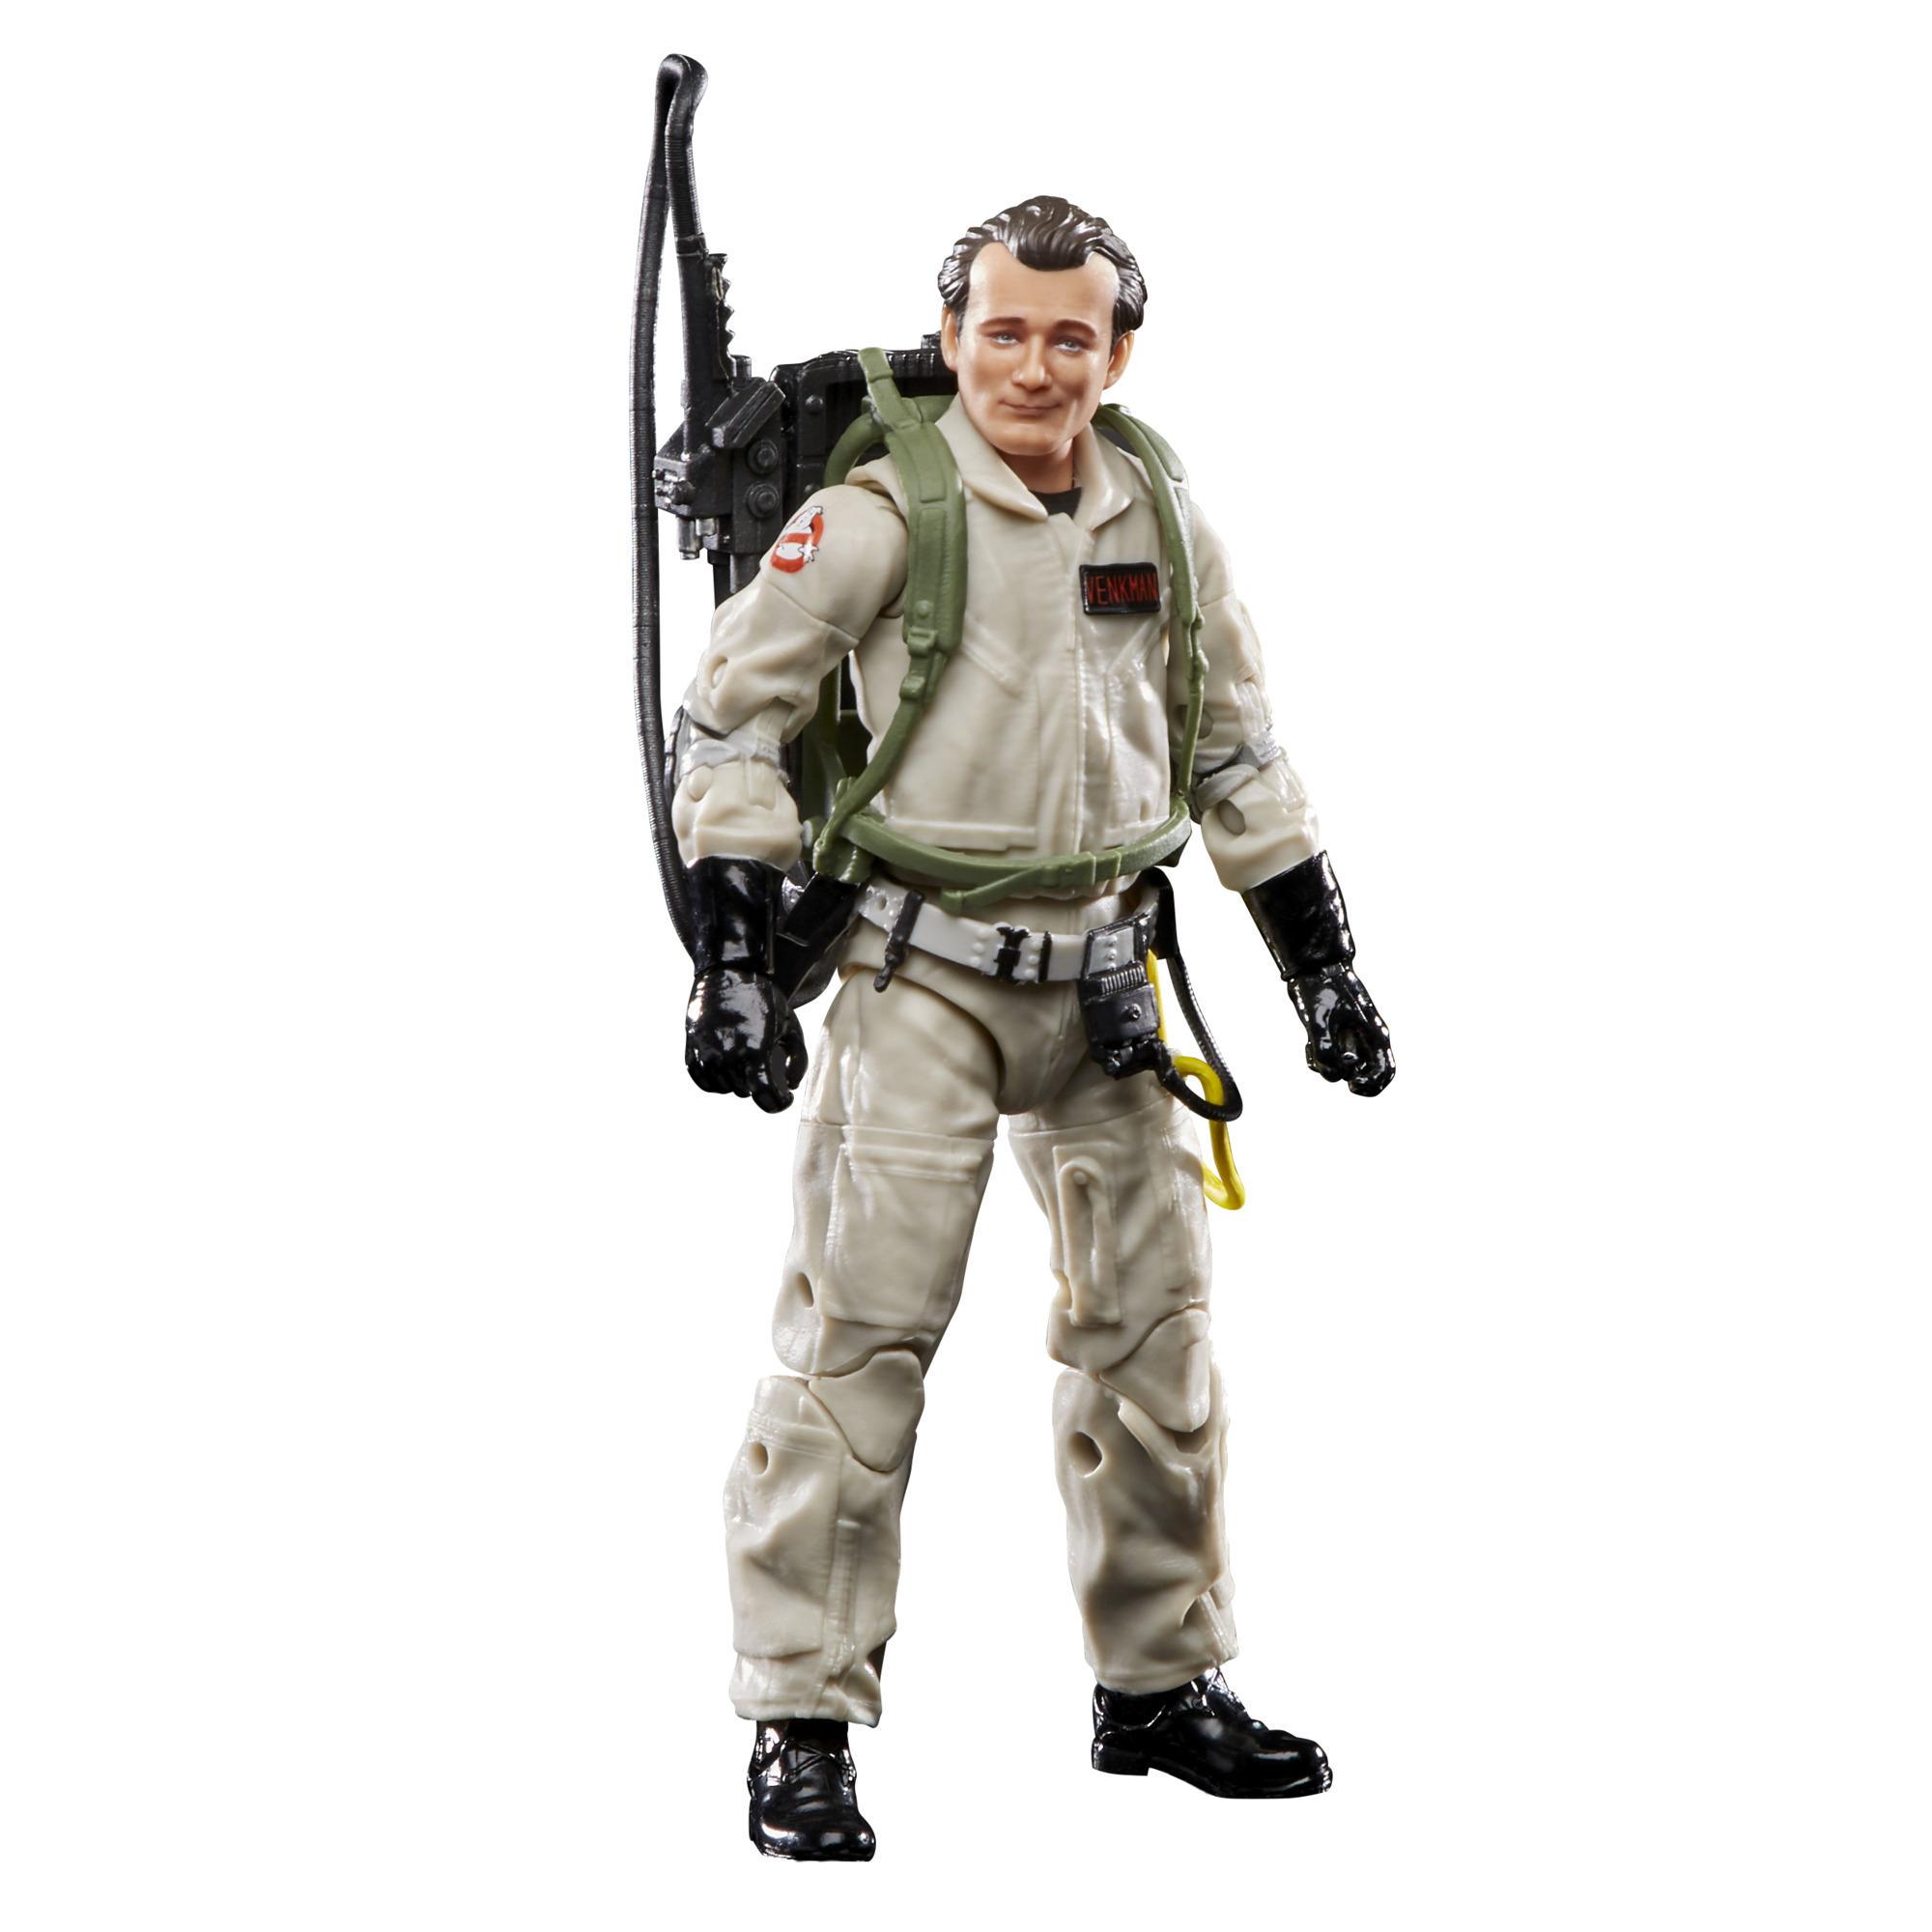 Ghostbusters Plasma Series - Peter Venkman (Action figure 15 cm da collezione, Build-A-Ghost Terror Dog, ispirata al film Ghostbusters del 1984)